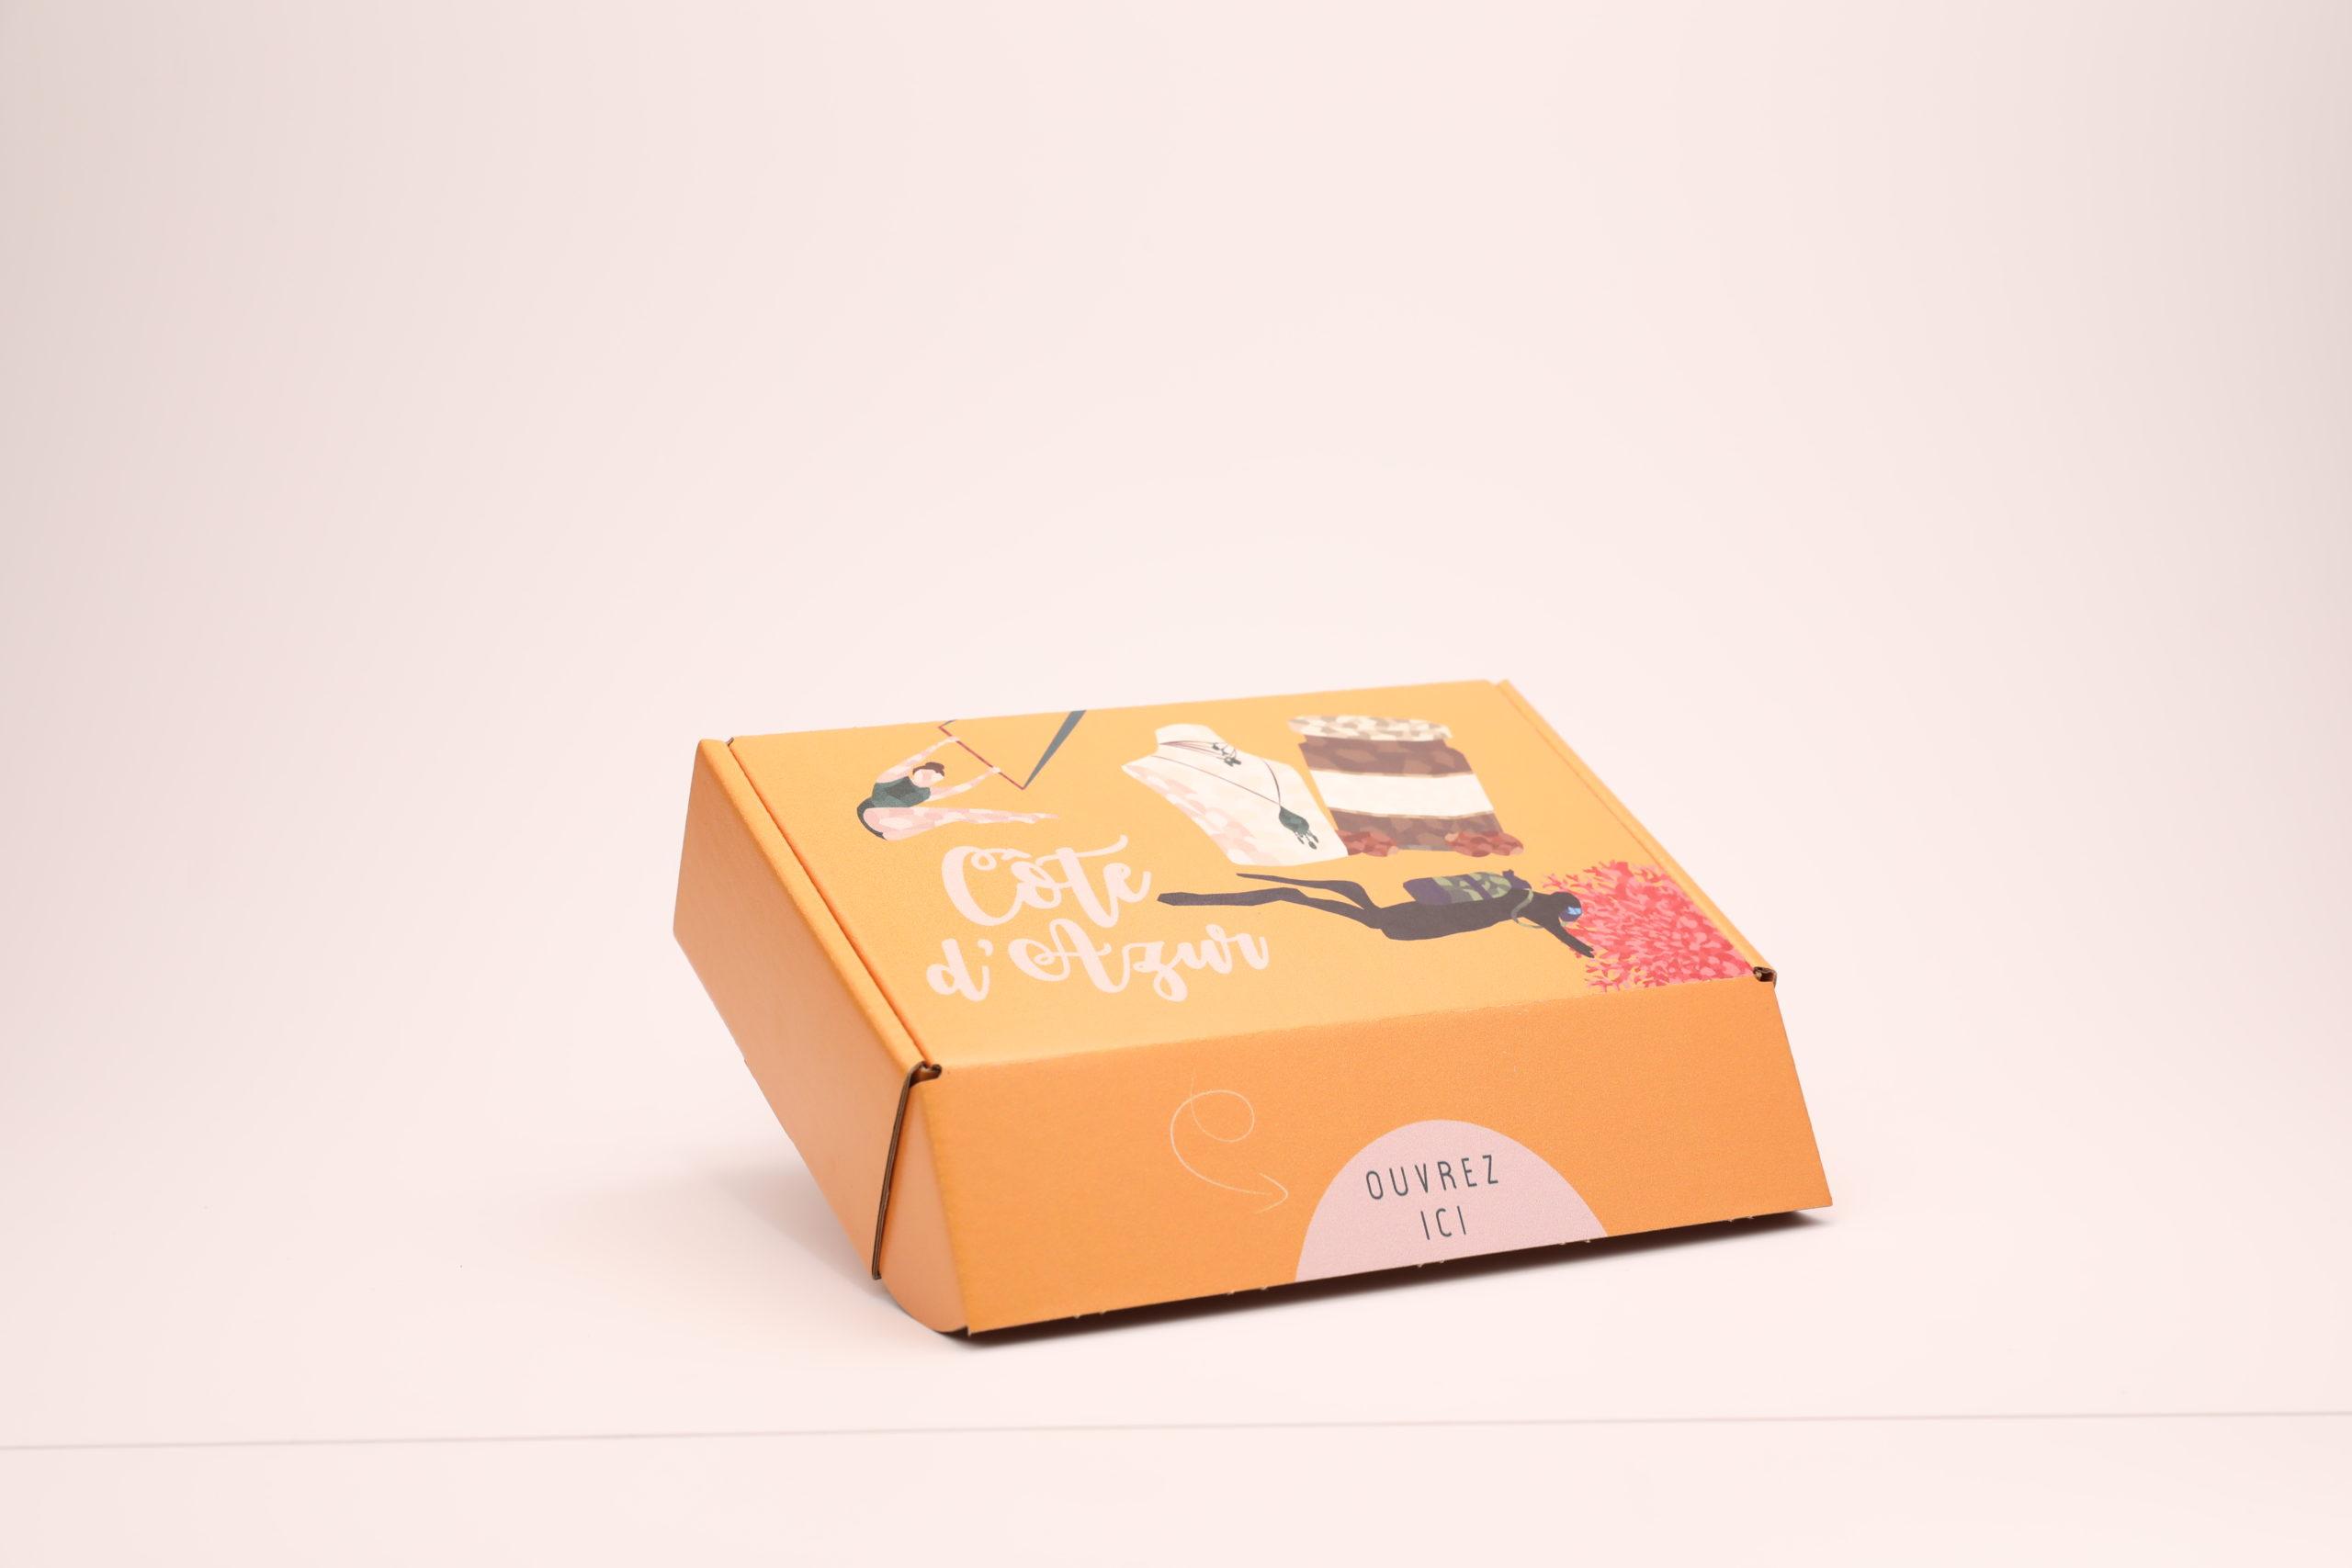 La box Aventurieux Côte d'Azur est désormais disponible !